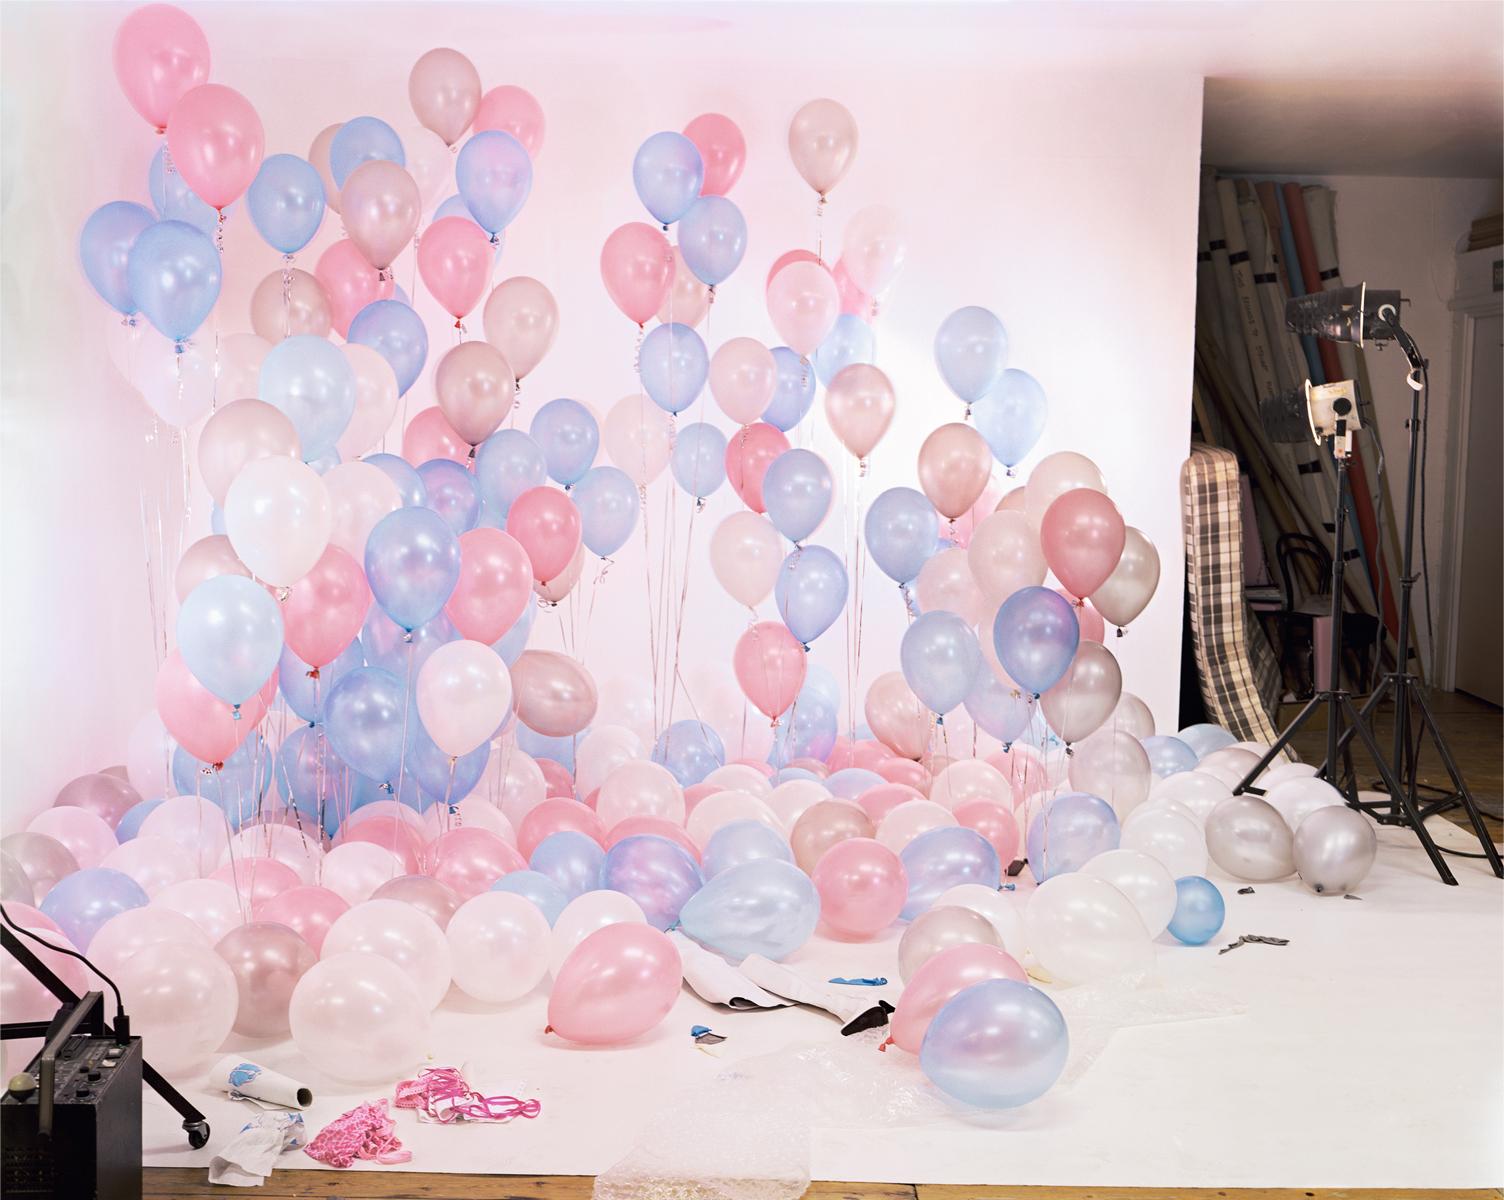 Сцена с воздушными шарами. Фотограф начала делать эти снимки в 2001 году, обучаясь в Королевском кол